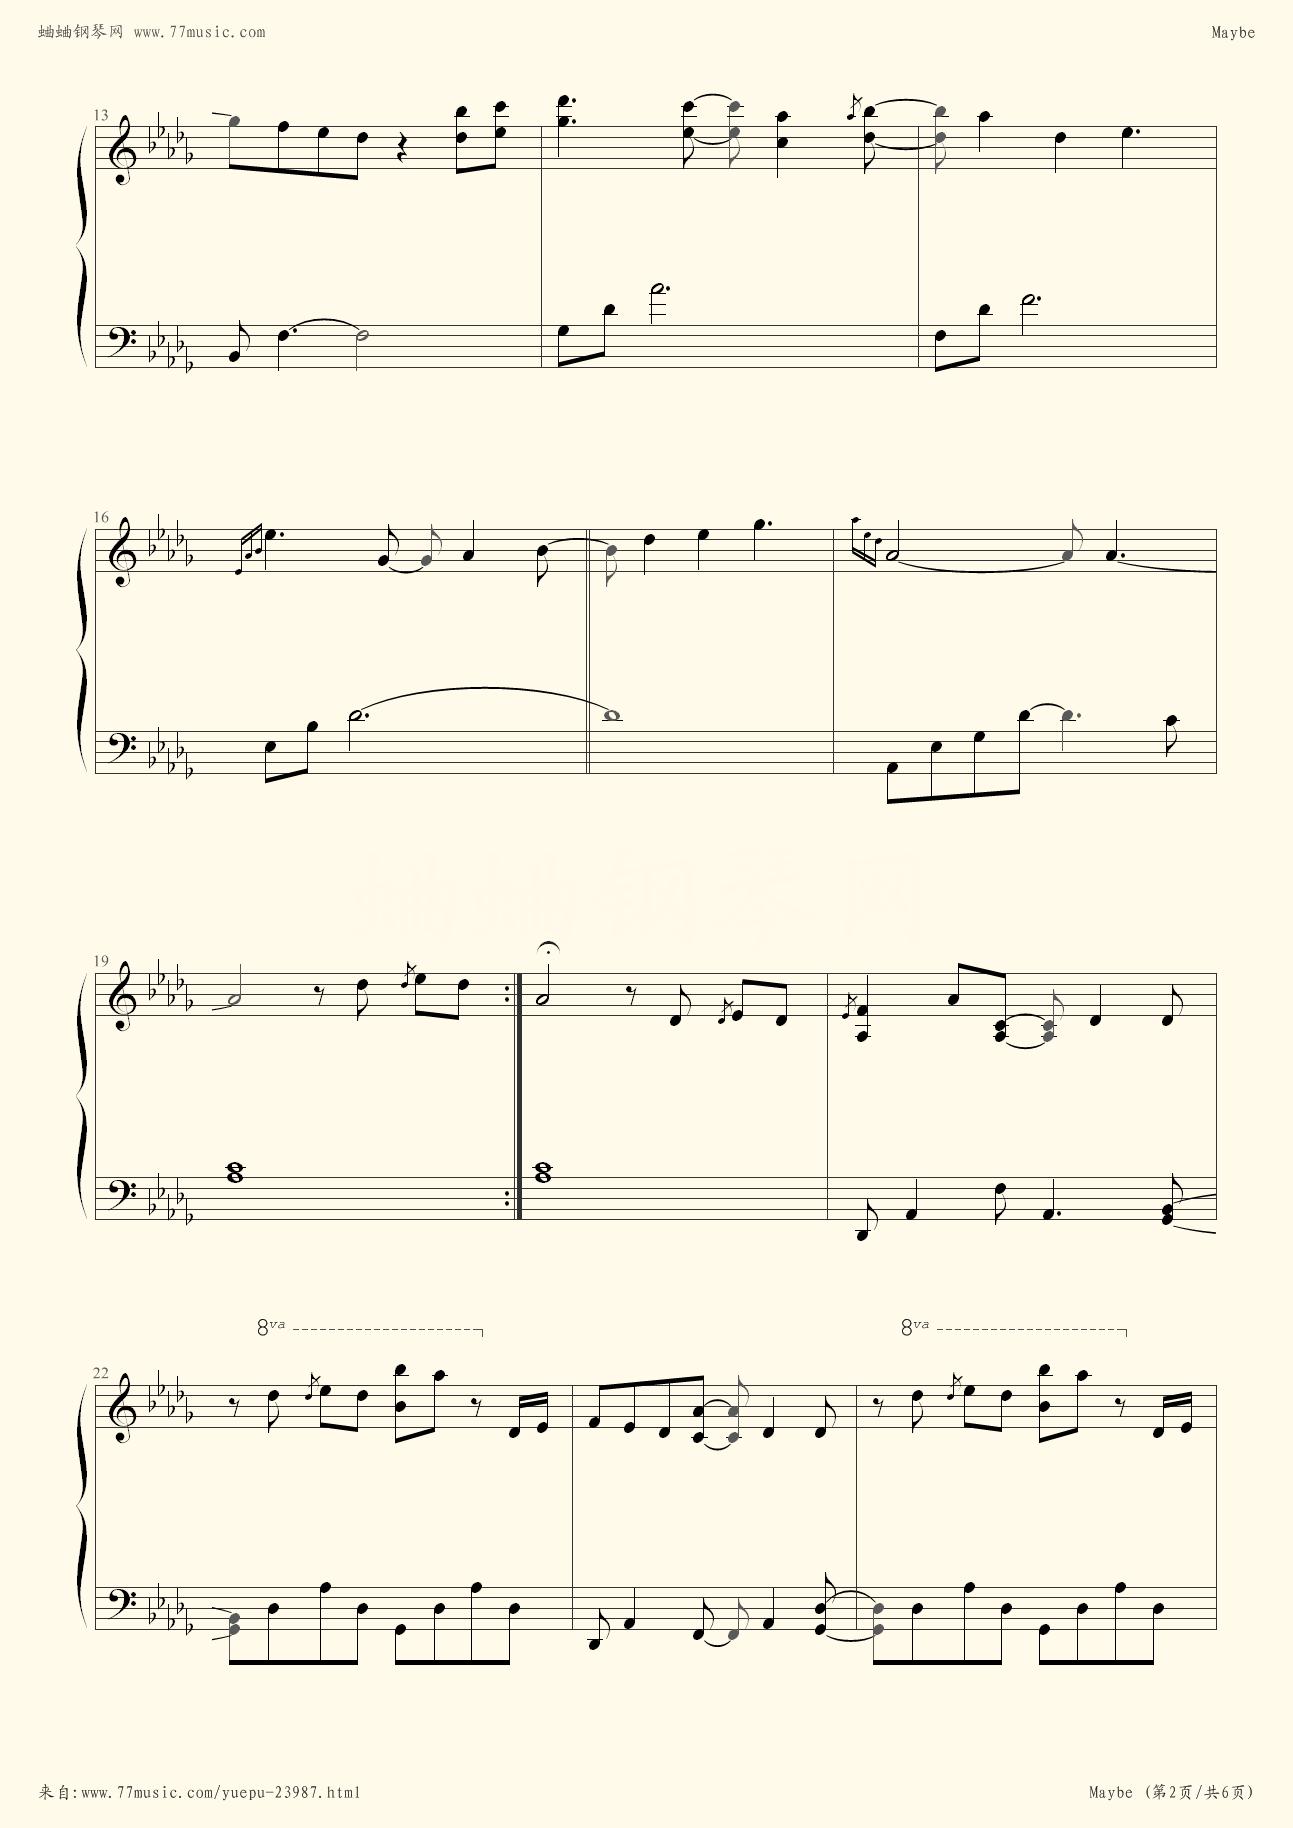 Easy Piano Sheet Music | Sheet Music Plus